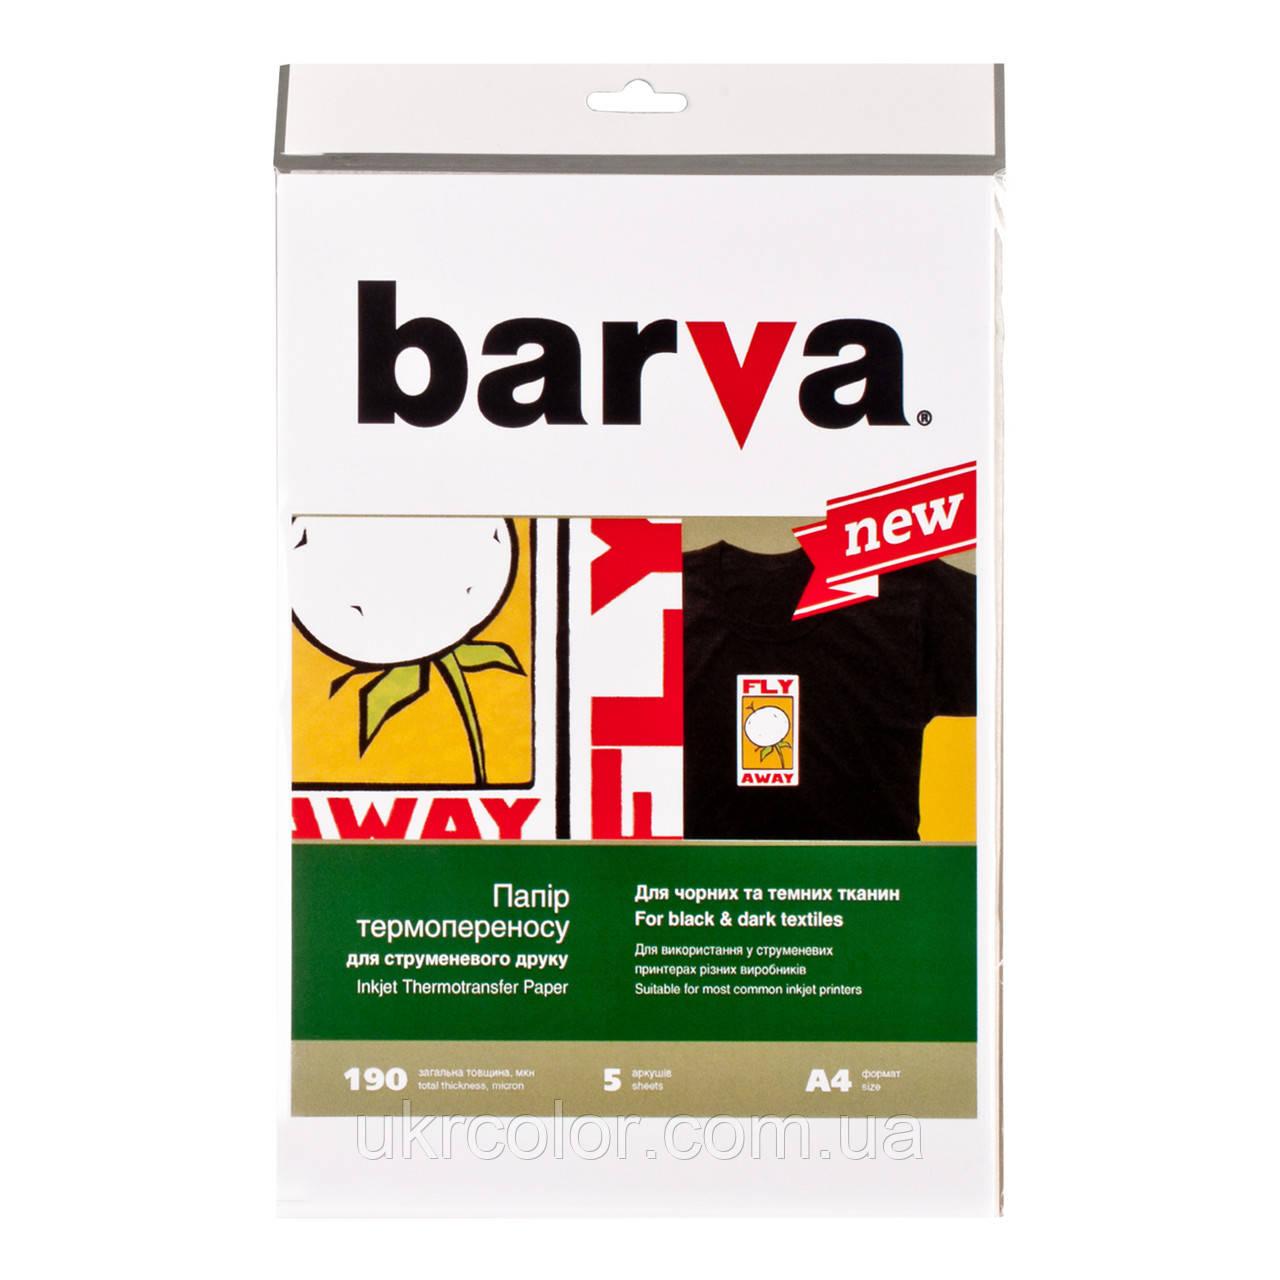 Термотрансферний папір Barva для темних тканин, А4, 5 аркушів